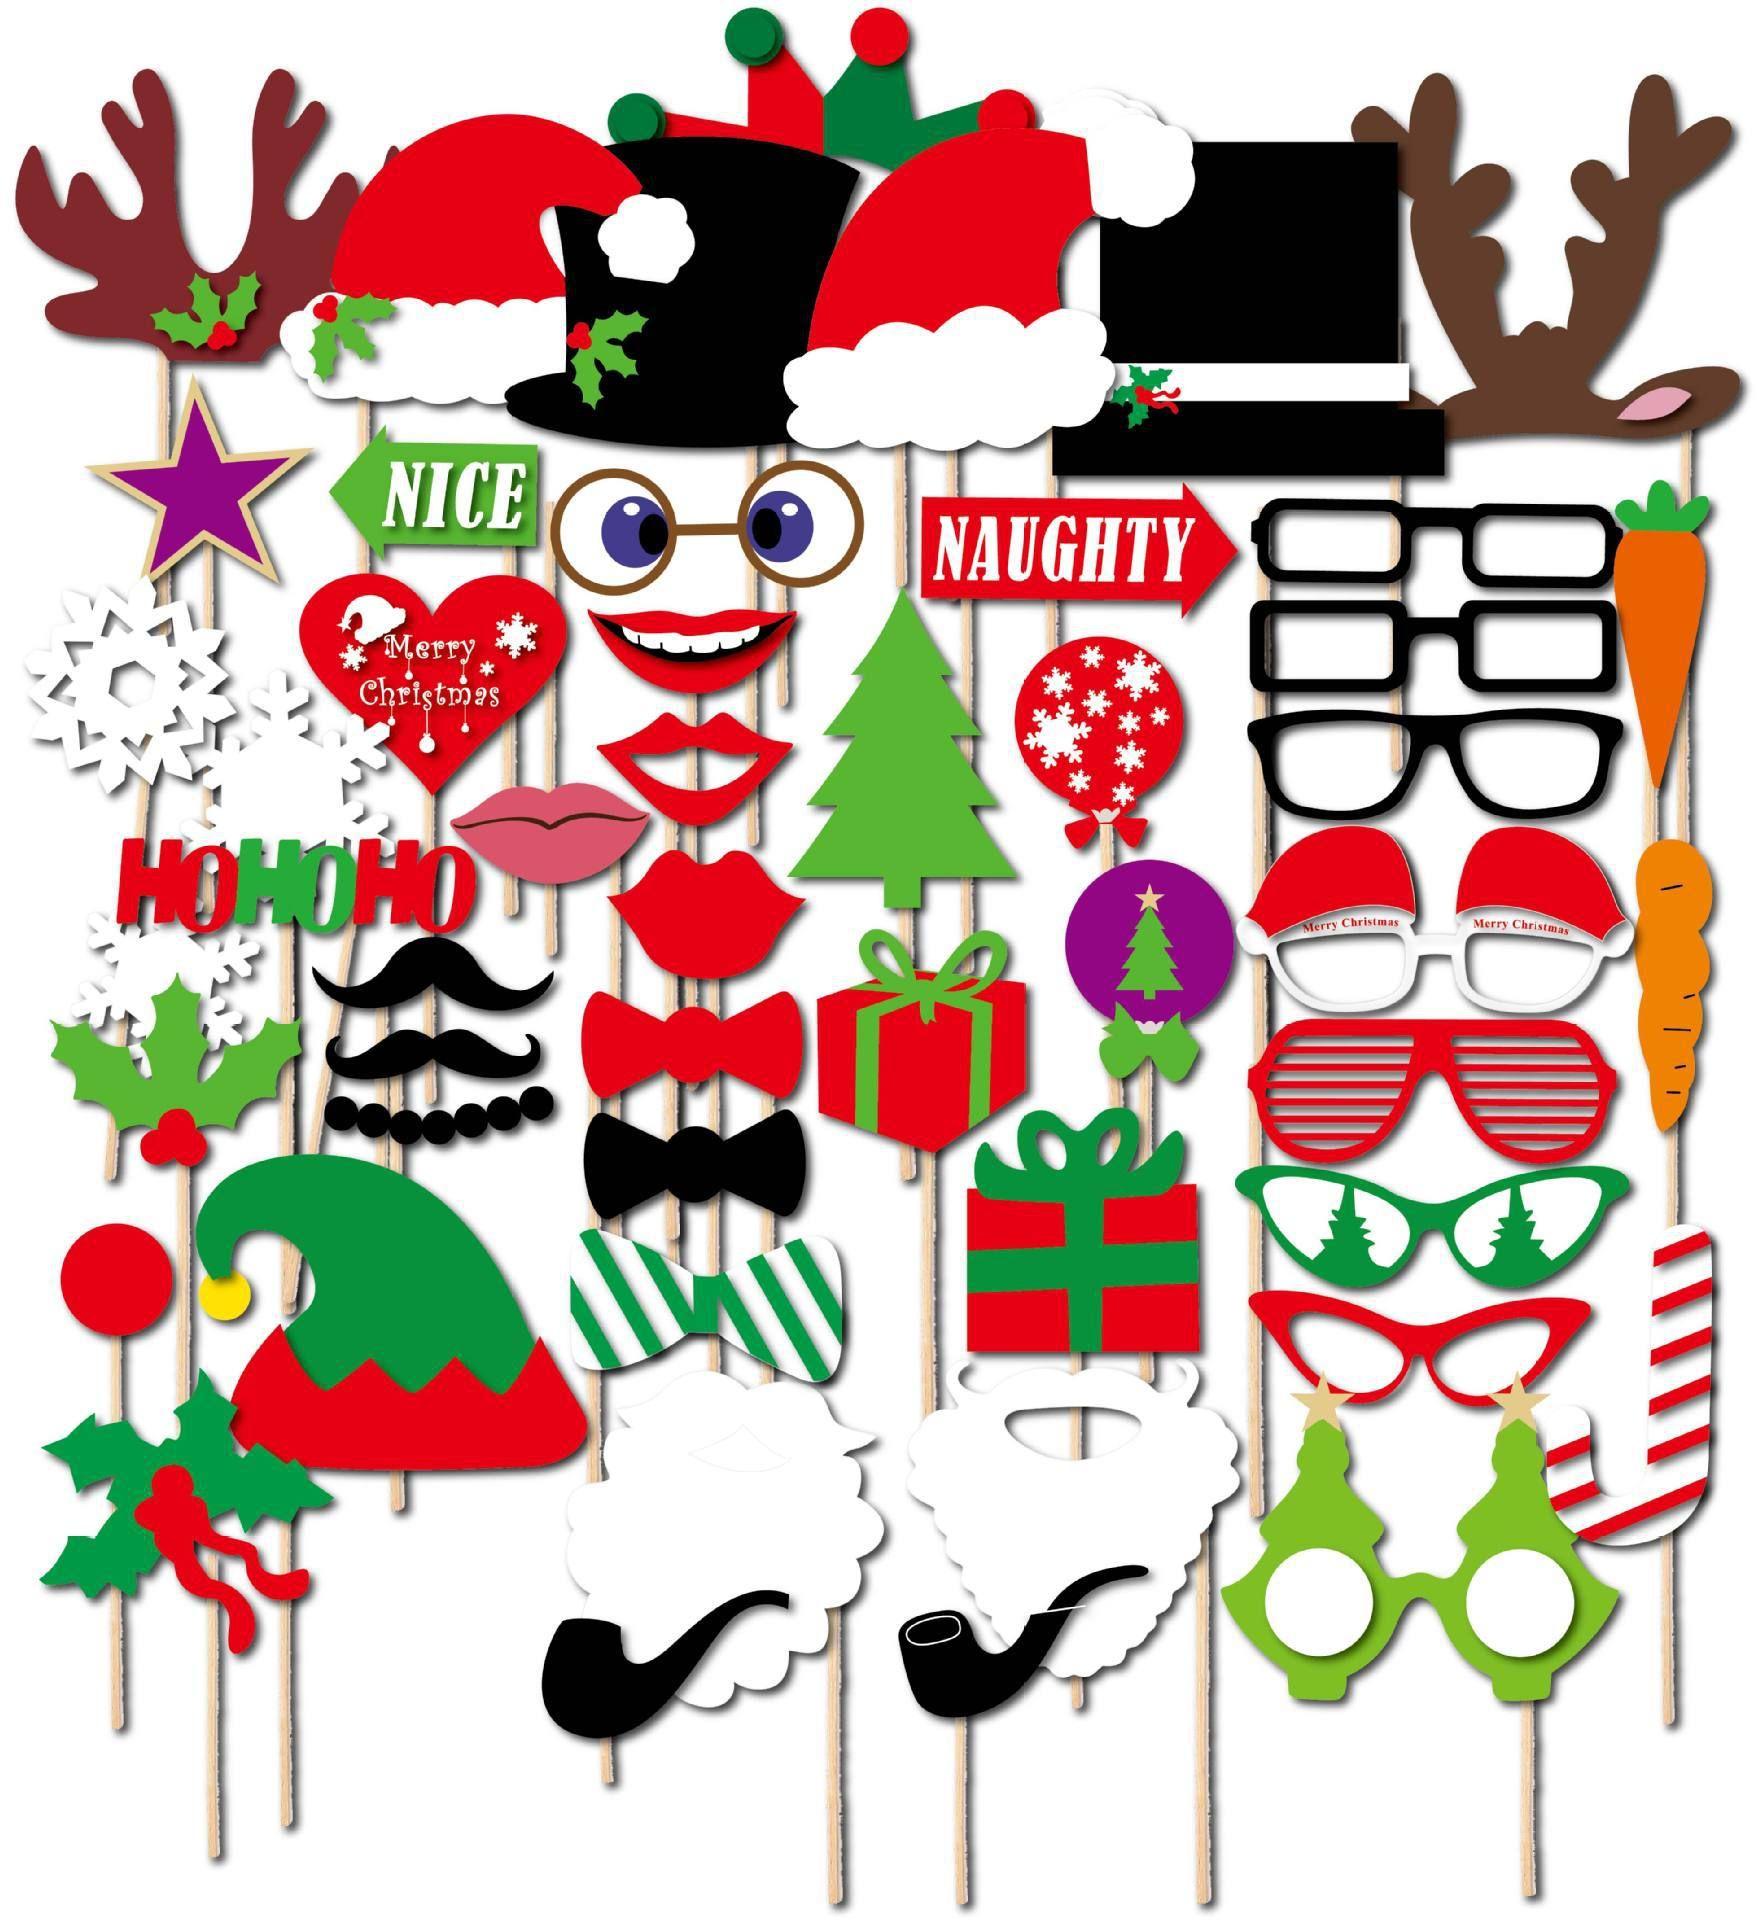 um conjunto de Natal decorações adereços foto representados graficamente barba engraçado modelagem